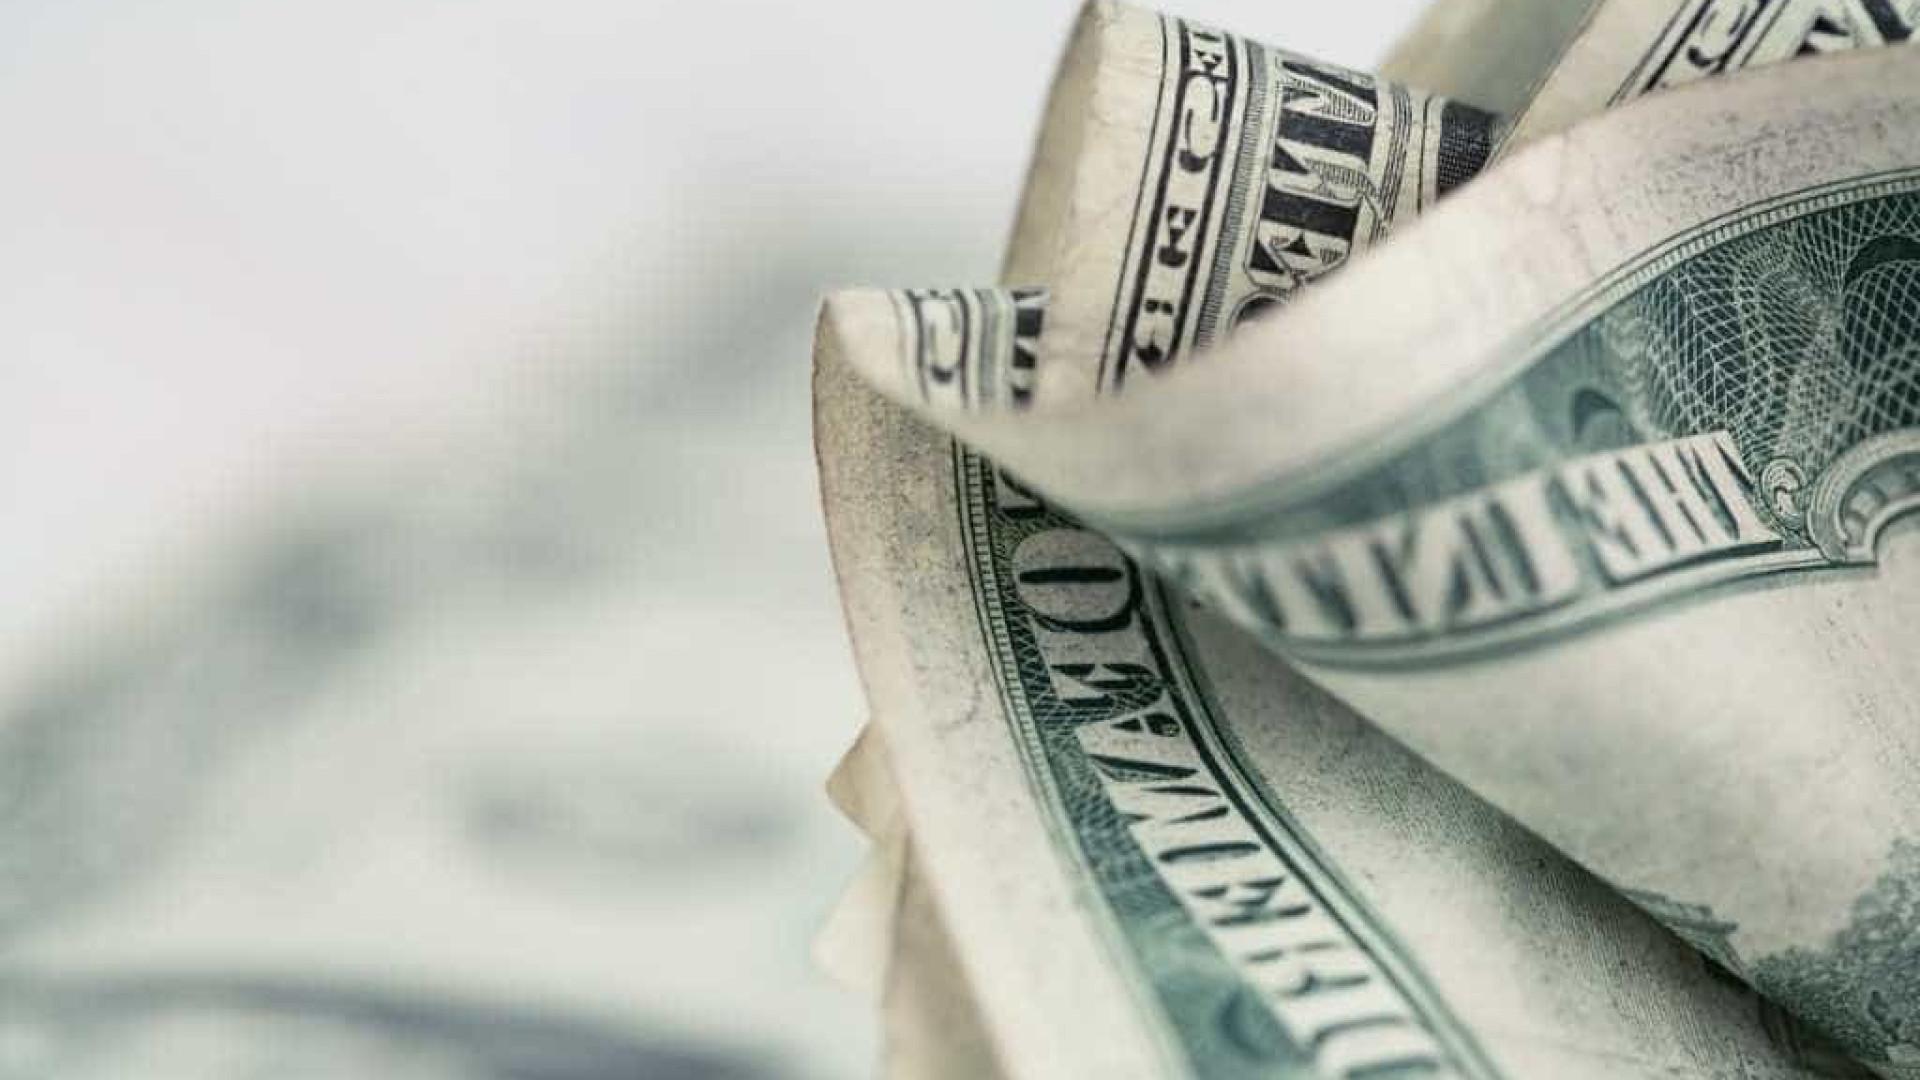 Dólar sobe e fecha a R$ 3,45, maior valor desde dezembro de 2016